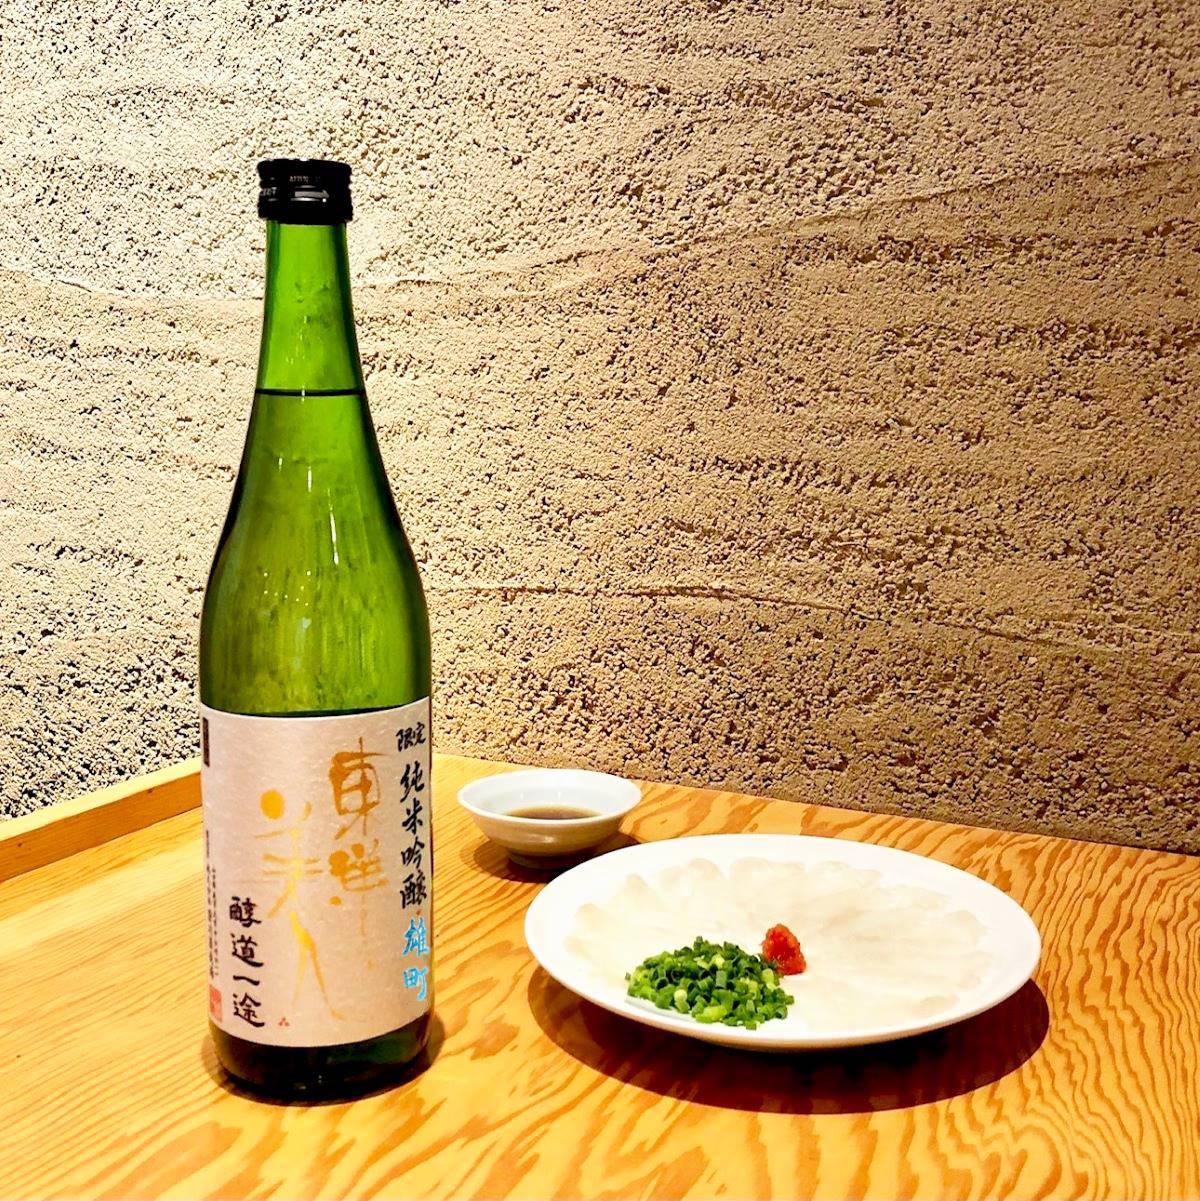 ★残り20セット★「夏の厳選日本酒3本と肴セット」